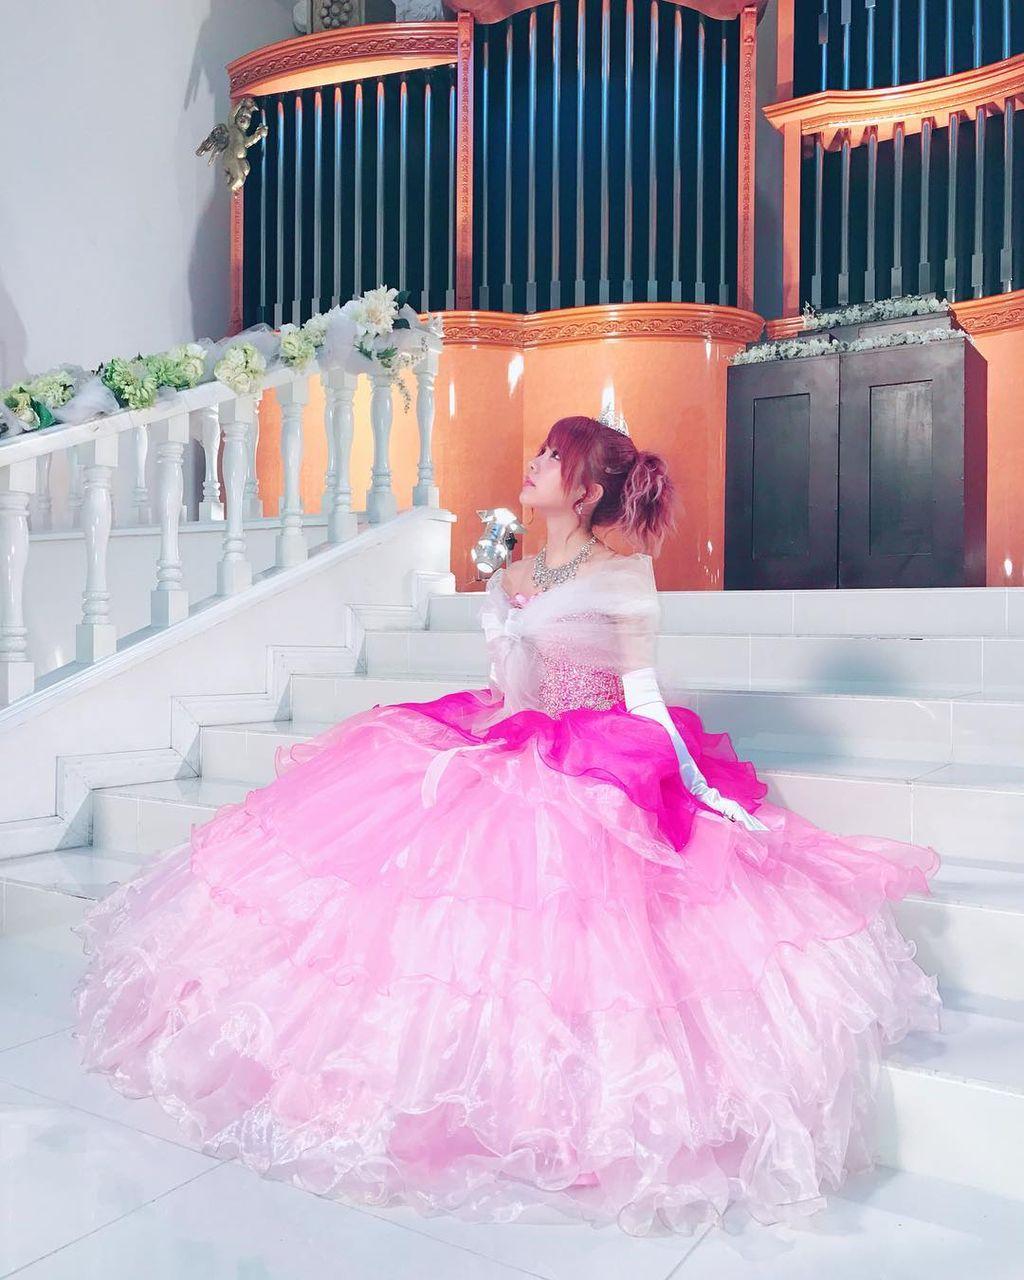 【エンタメ画像】ピンクのドレス姿の田中れいなちゃん(28)がまさにお姫さま♪♪